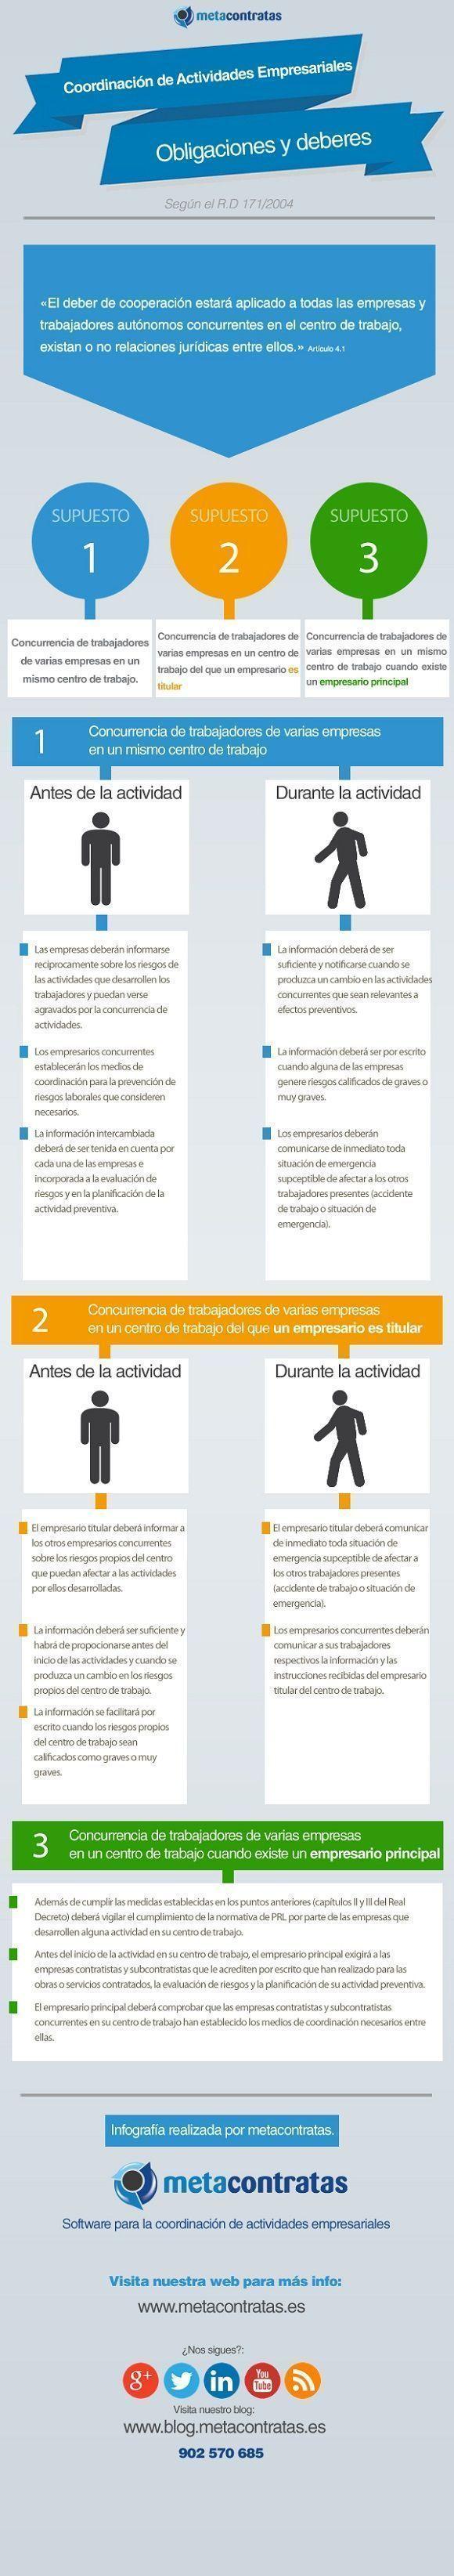 infografia_coordinacion_actividades_empresariales_metacontratas